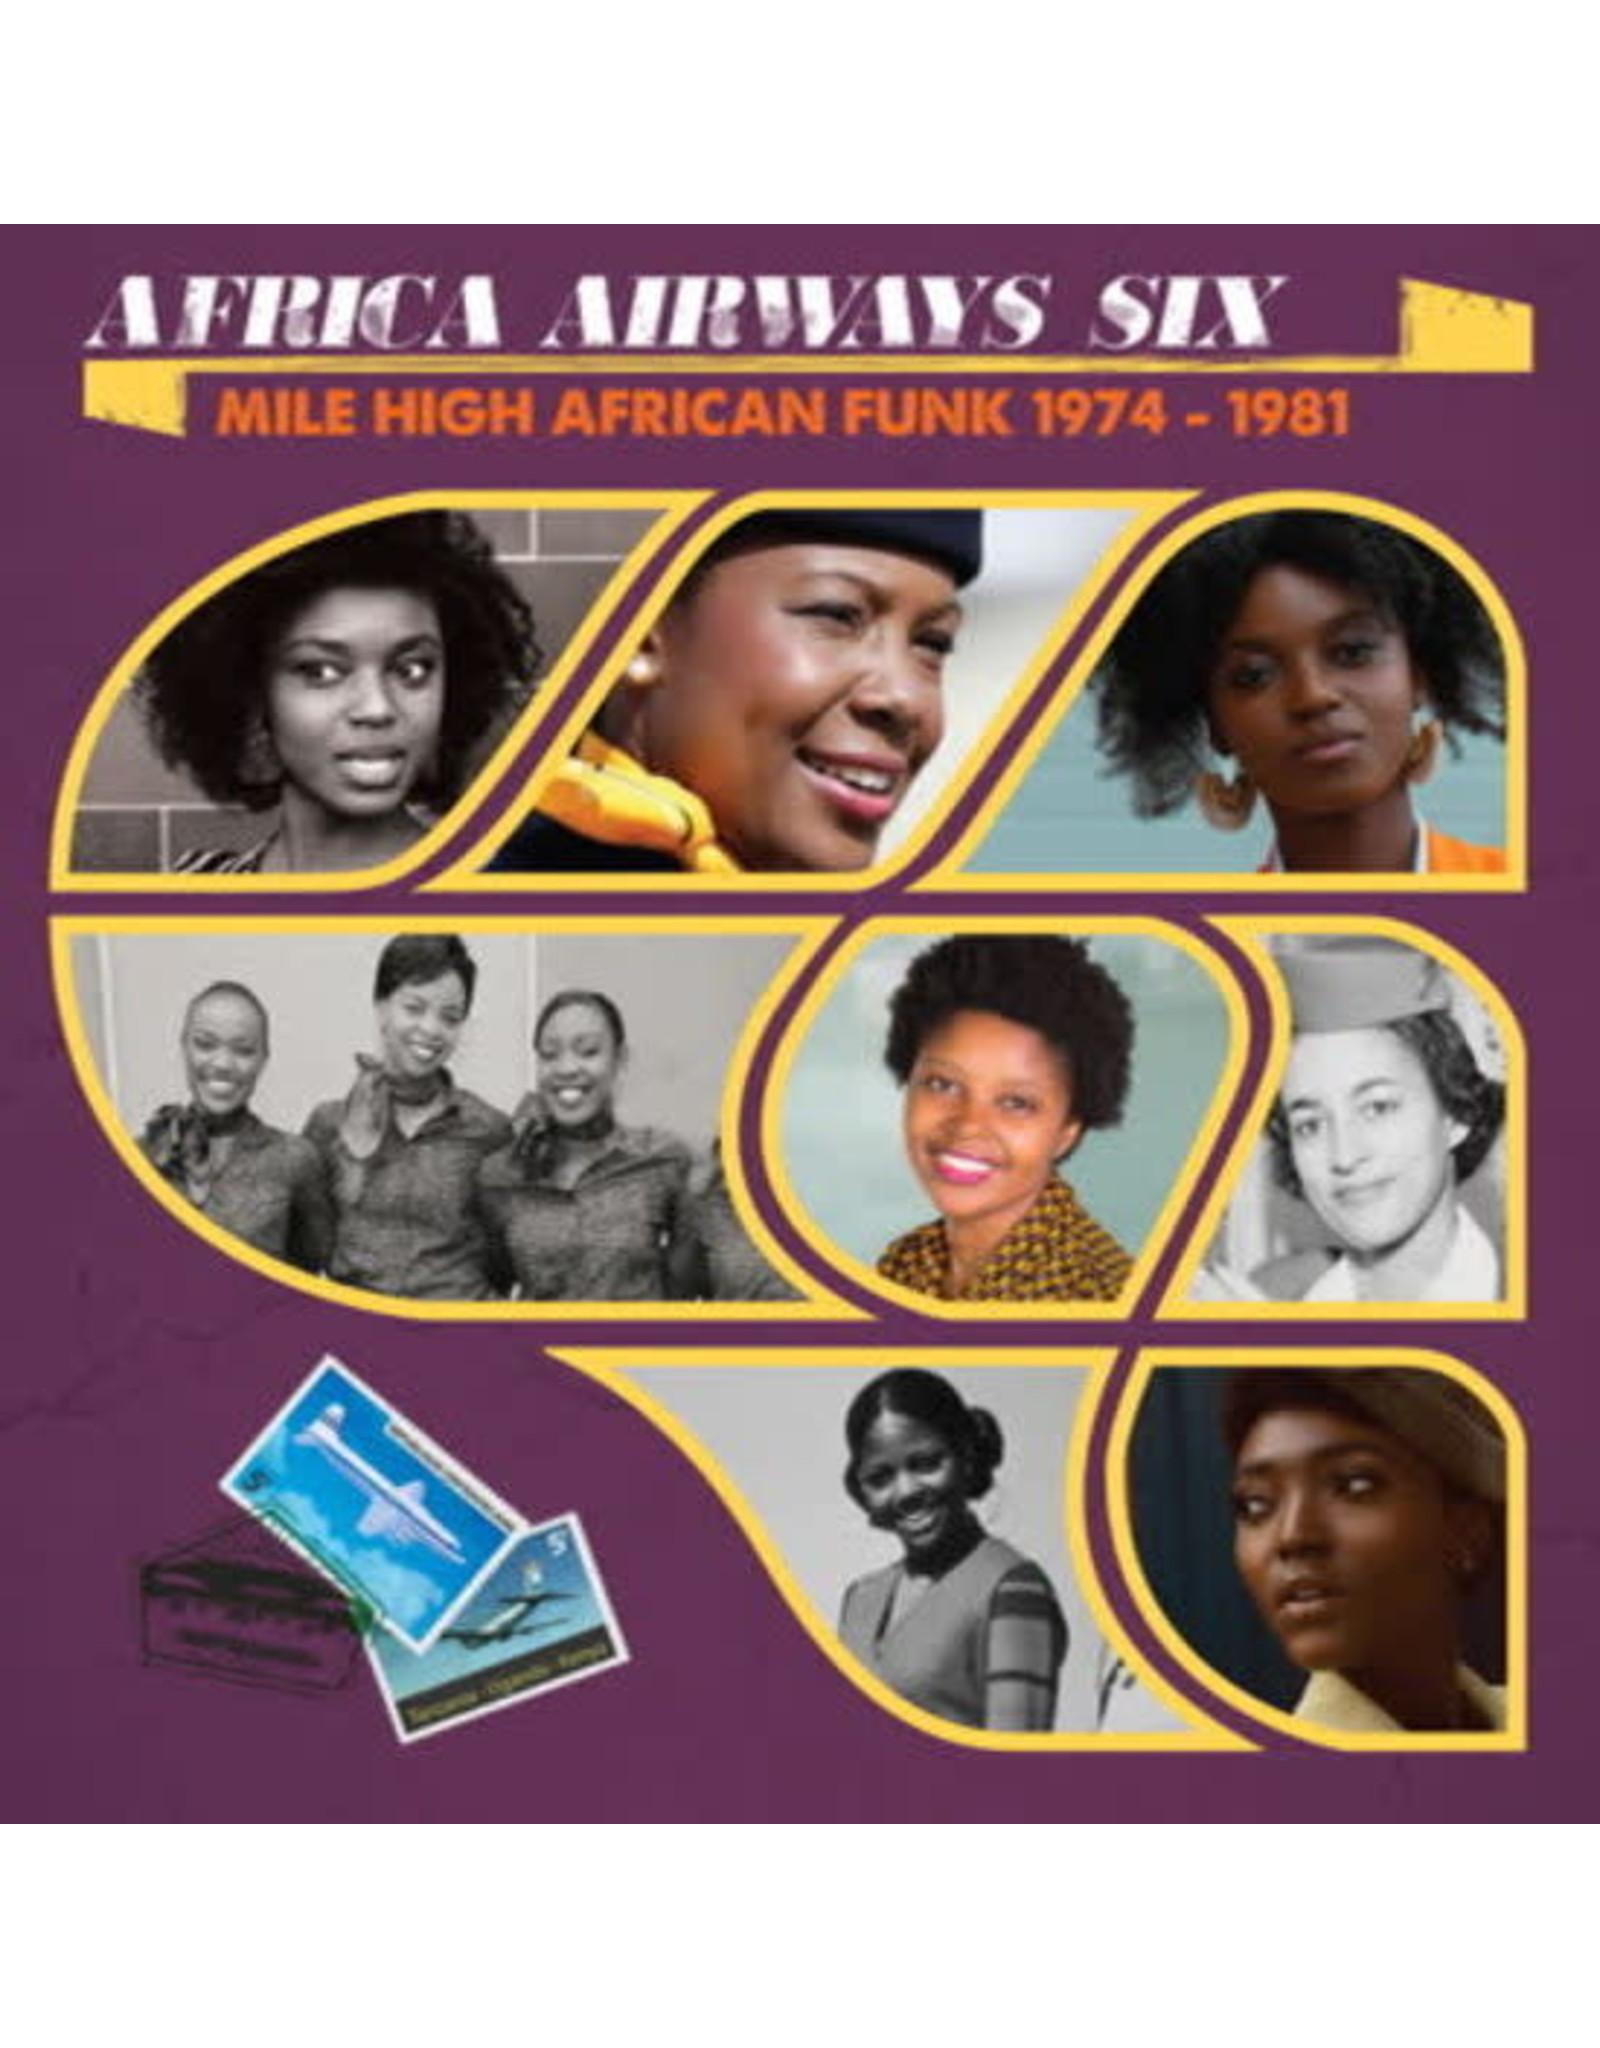 New Vinyl Various - Africa Airways Six: Mile High Funk 1974 - 1981 LP